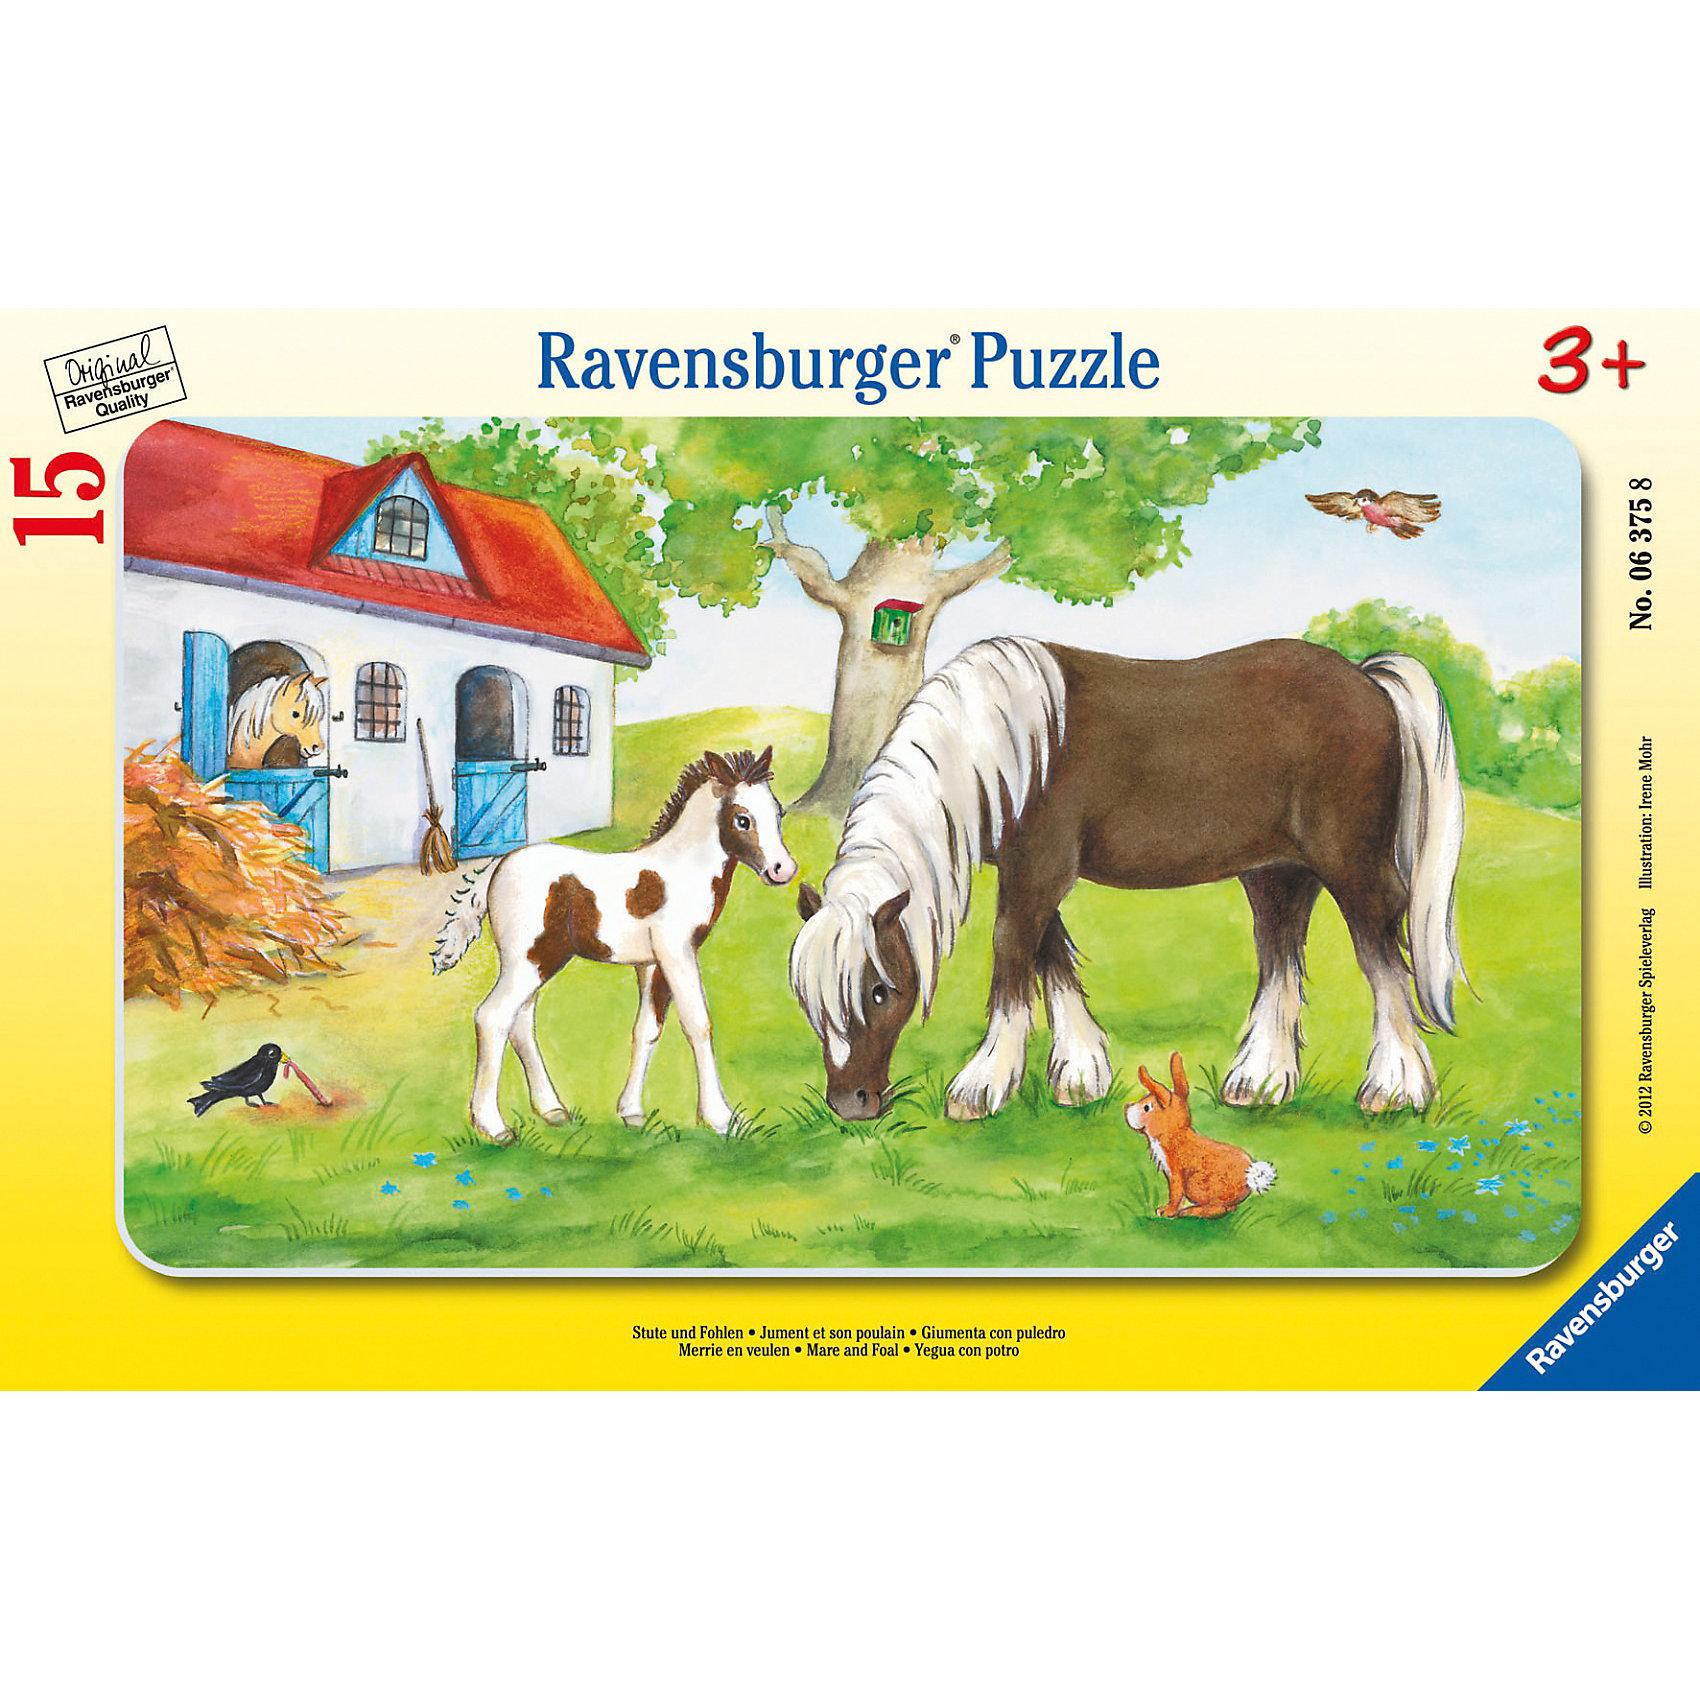 Пазл «Кобыла с жеребенком», 15 деталей, RavensburgerПазл «Кобыла с жеребенком», 15 деталей, Ravensburger (Равенсбургер).<br><br>Характеристика:<br><br>• Материал: картон. <br>• Размер упаковки: 29,5х19 см. <br>• Размер готовой картинки: 25х14,5 см. <br>• Количество деталей: 15.<br><br>Дети обожают собирать пазлы. Это очень интересное и полезное занятие, которое поможет ребенку развить мелкую моторику, внимание, цветовосприятие, усидчивость и образное мышление. Получившаяся яркая картинка станет прекрасным украшением комнаты или же отличным подарком, сделанным своими руками. <br><br>Пазл «Кобыла с жеребенком», 15 деталей, Ravensburger (Равенсбургер), можно купить в нашем интернет-магазине.<br><br>Ширина мм: 299<br>Глубина мм: 190<br>Высота мм: 7<br>Вес г: 163<br>Возраст от месяцев: 36<br>Возраст до месяцев: 60<br>Пол: Унисекс<br>Возраст: Детский<br>Количество деталей: 15<br>SKU: 3136872